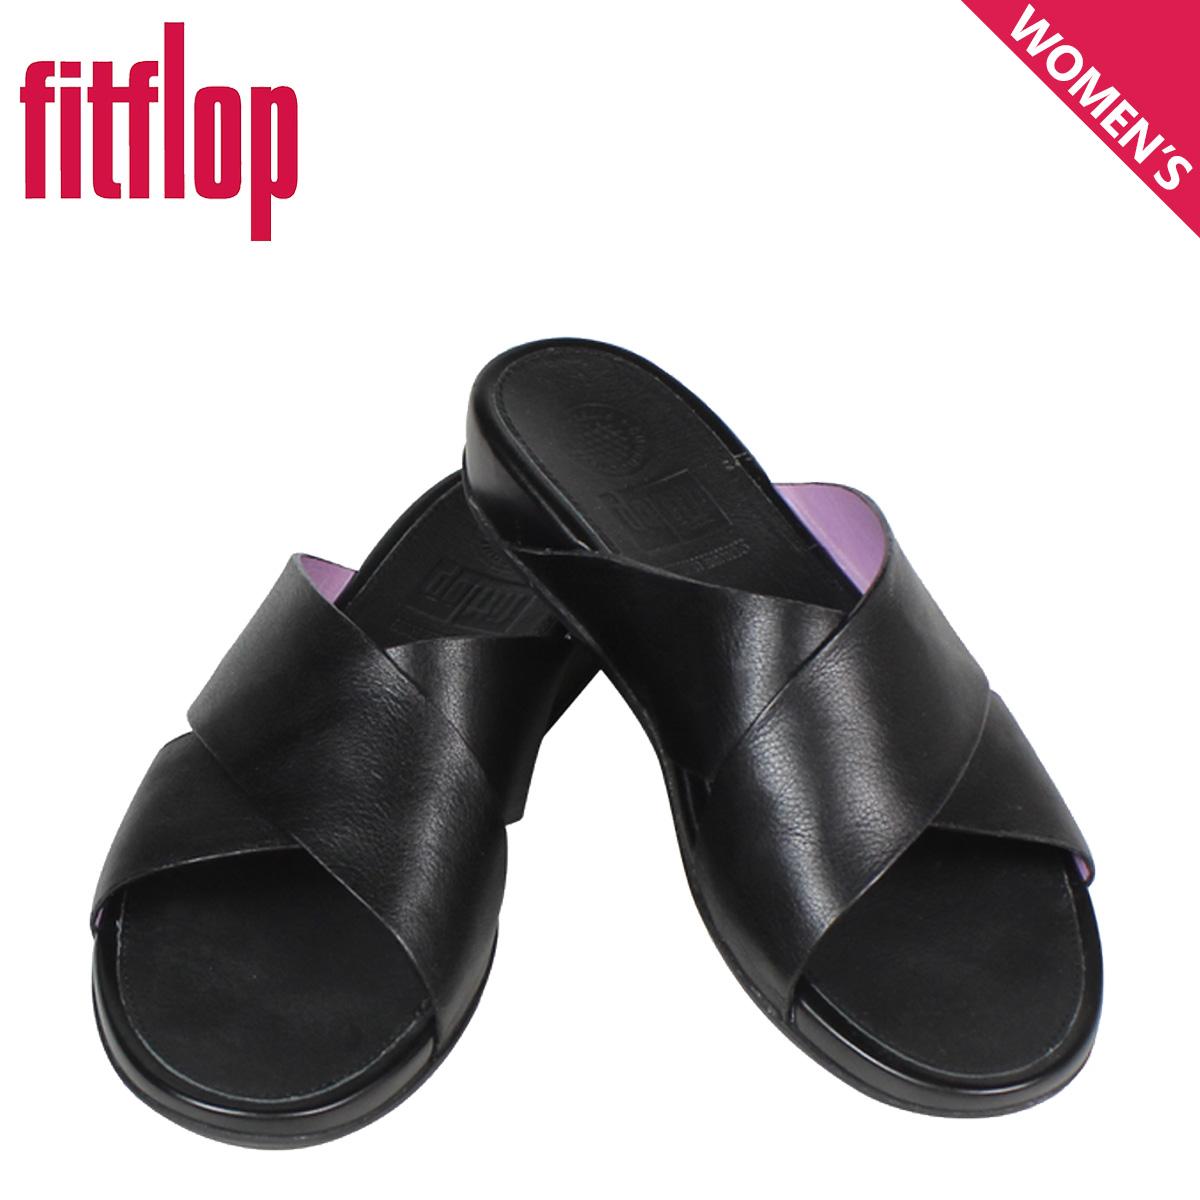 FitFlop サンダル フィットフロップ スライド AIX SLIDE 668 レディース